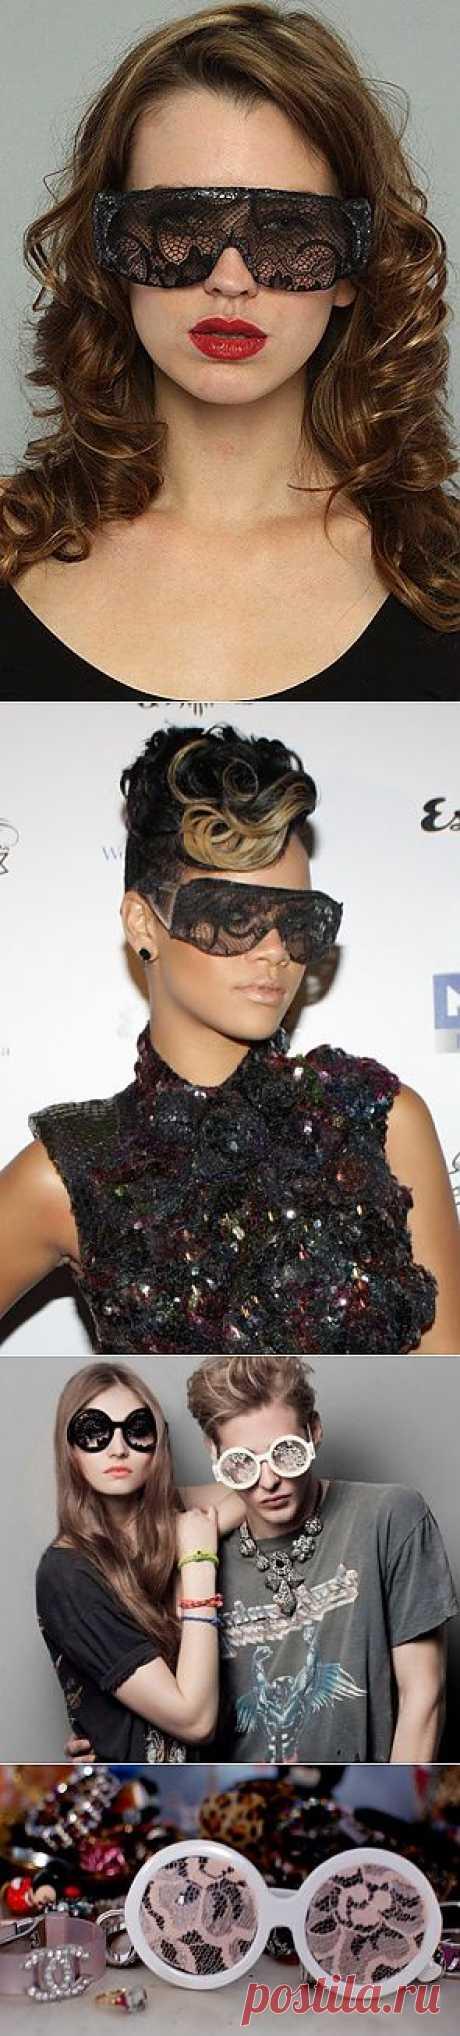 Кружевные очки / Декор очков / Модный сайт о стильной переделке одежды и интерьера